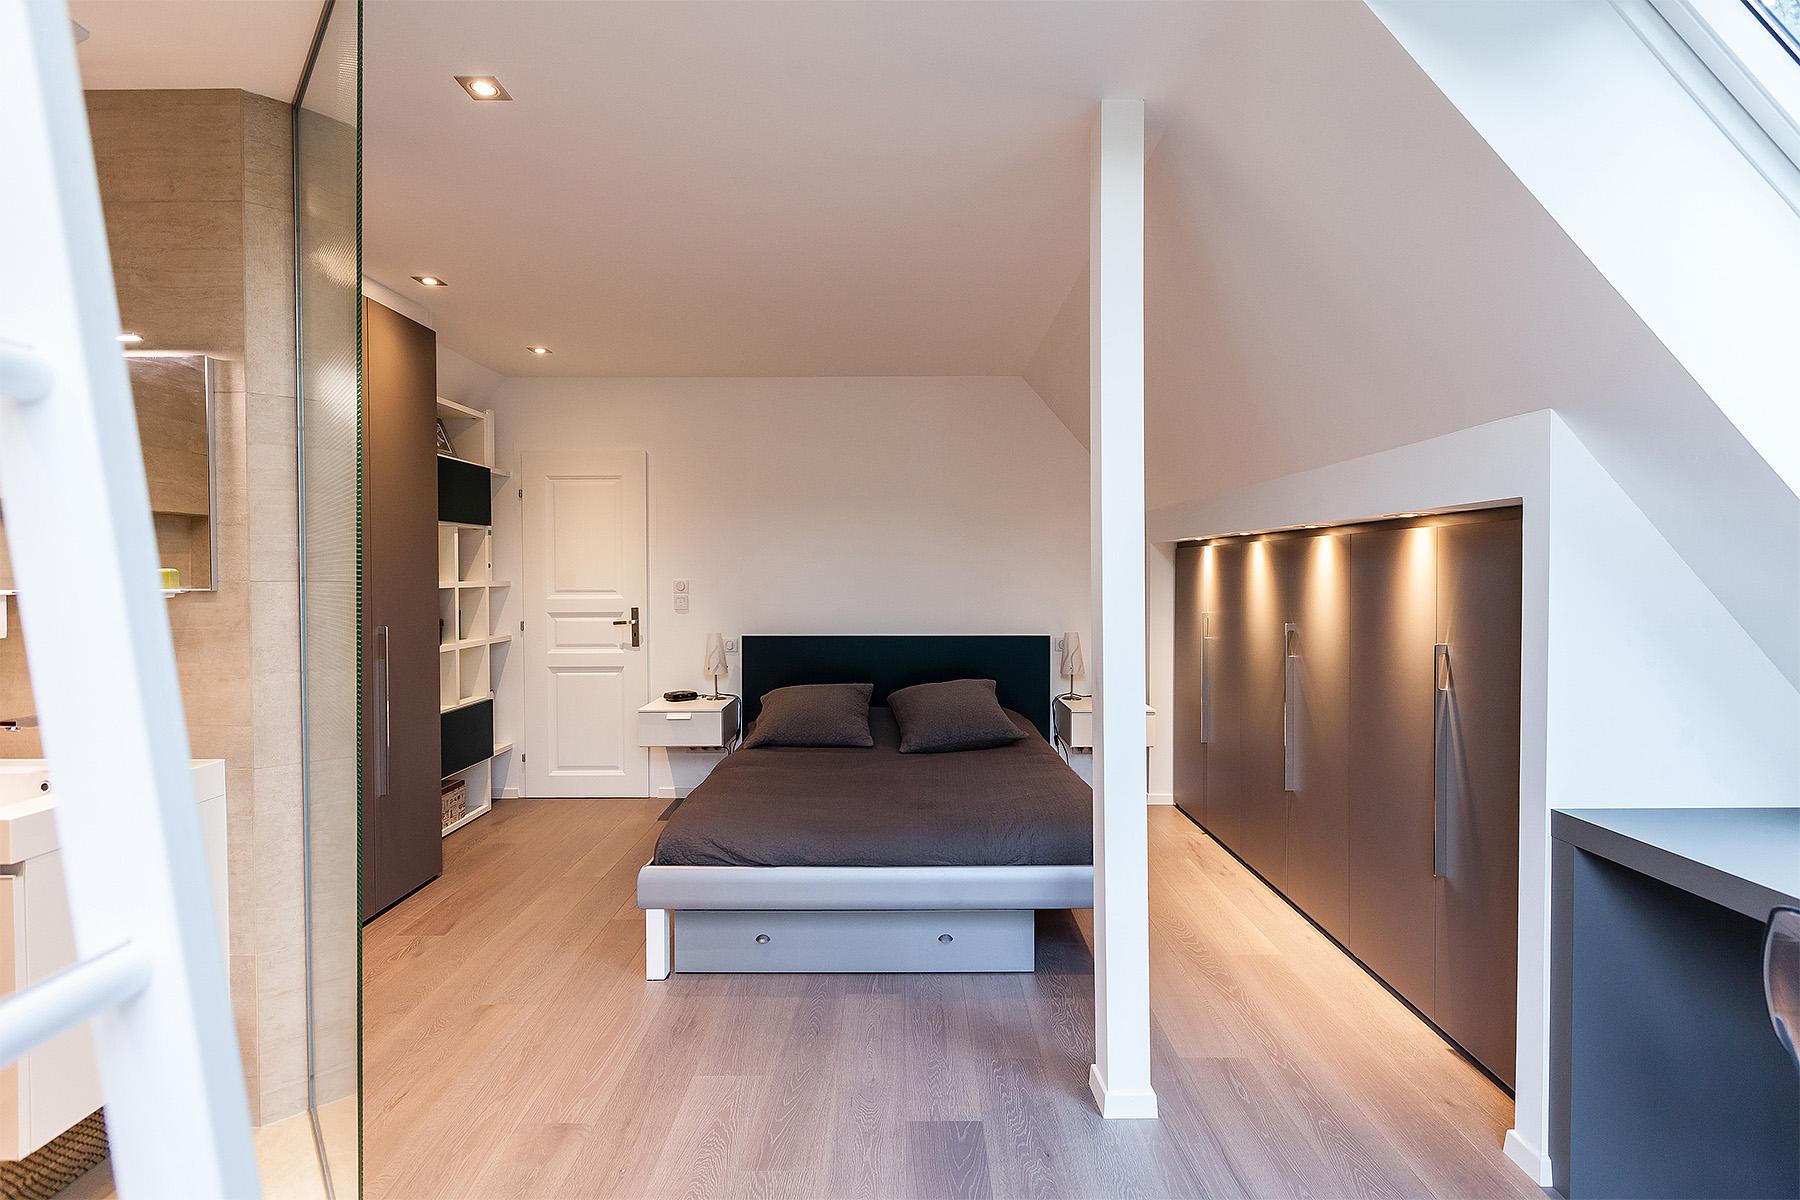 sous les combles david iltis architecte d 39 int rieur david iltis architecte d 39 int rieur. Black Bedroom Furniture Sets. Home Design Ideas